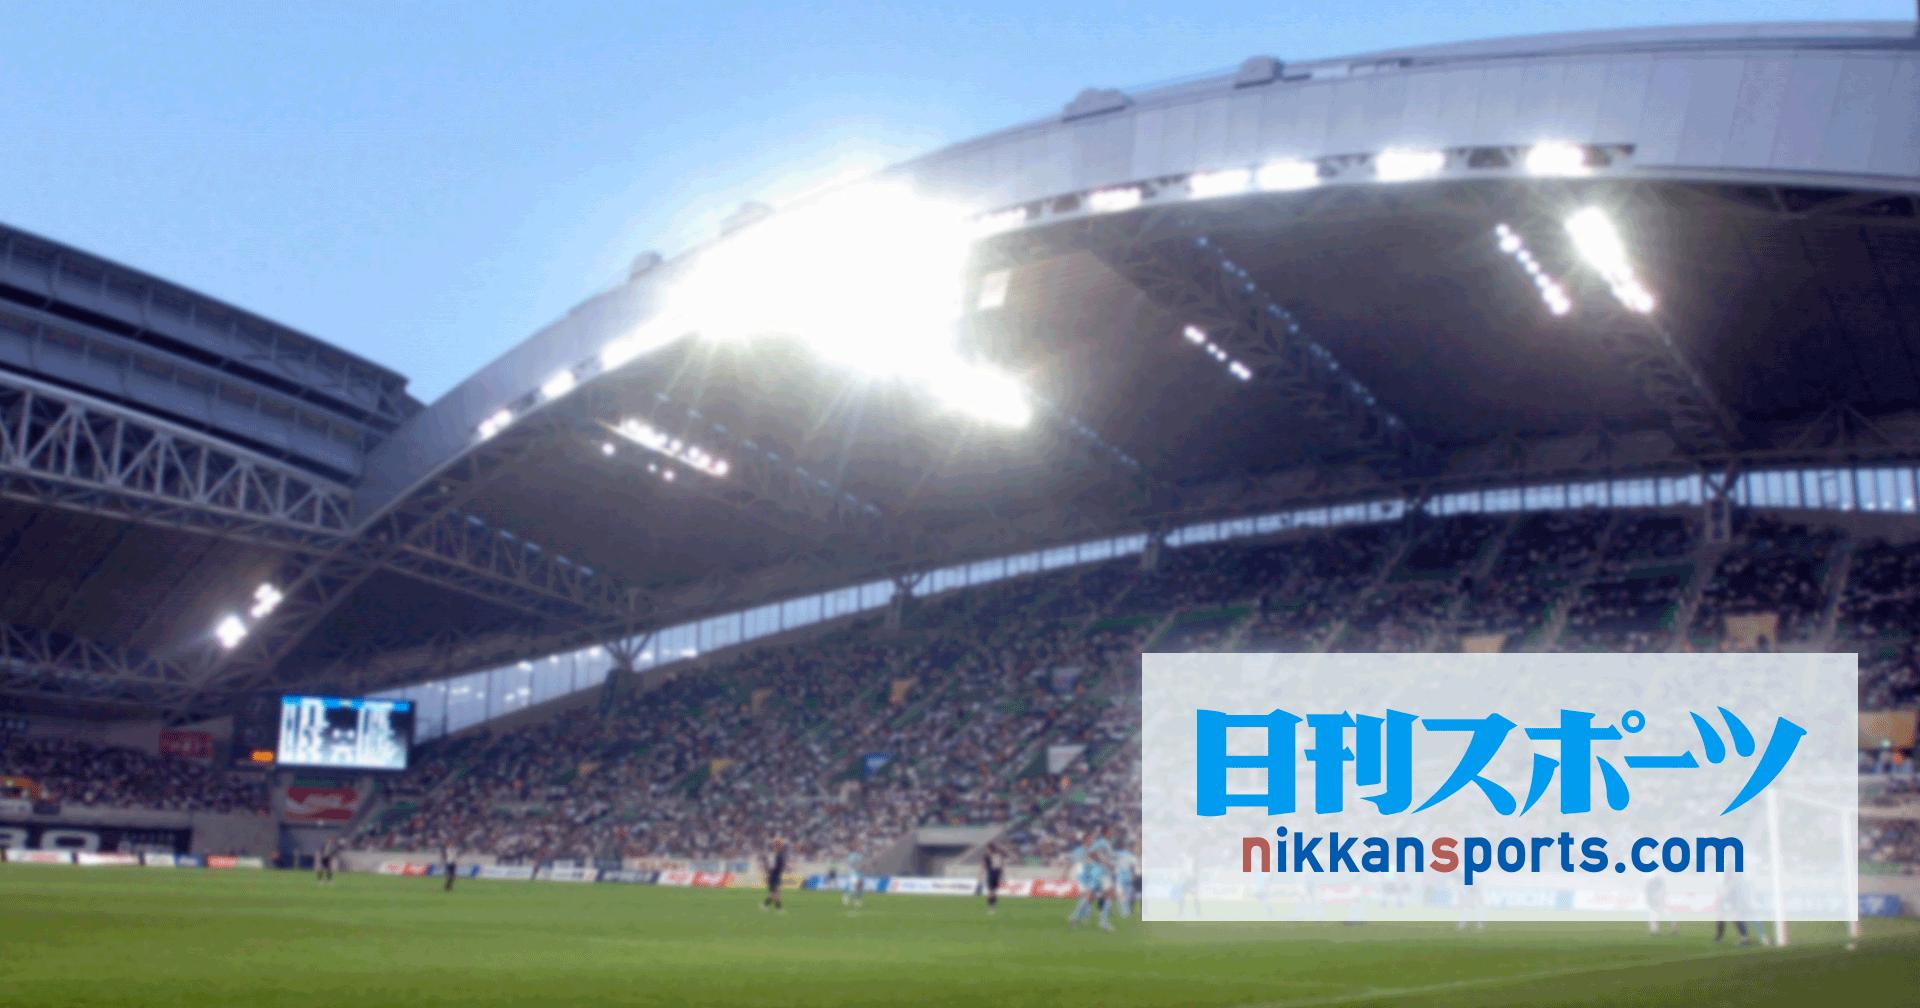 舛添知事に辞職求める声も「辞めさせられない」都議 - 社会 : 日刊スポーツ